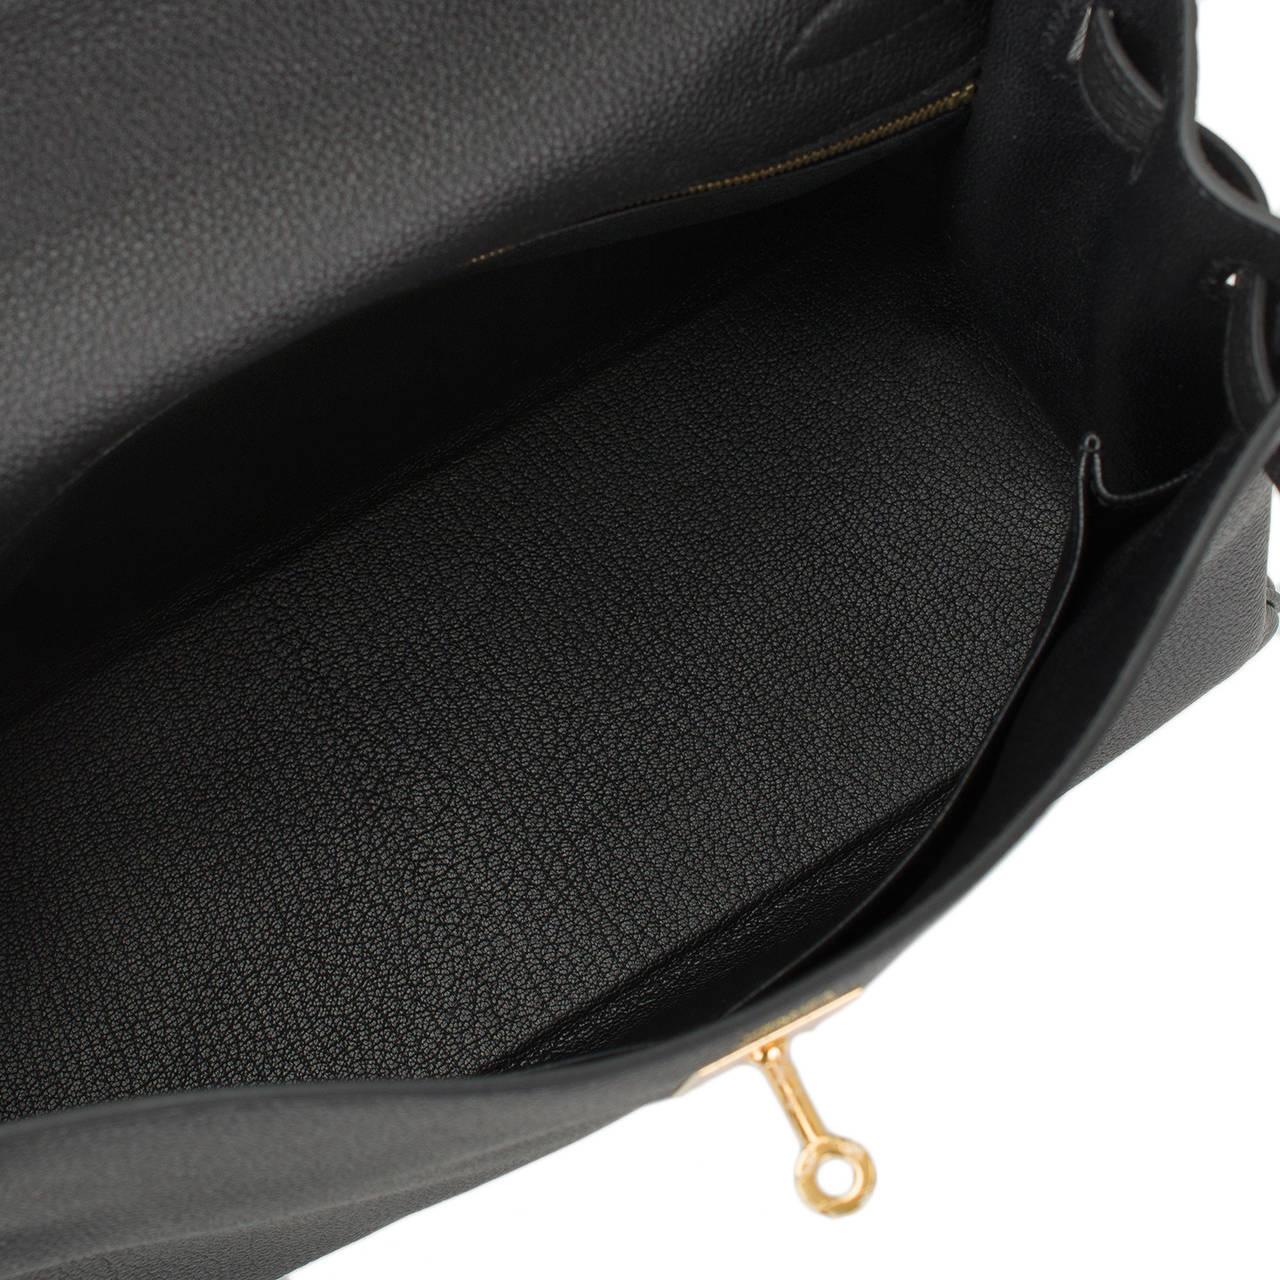 Hermes Black Togo Kelly 32cm Gold Hardware at 1stdibs